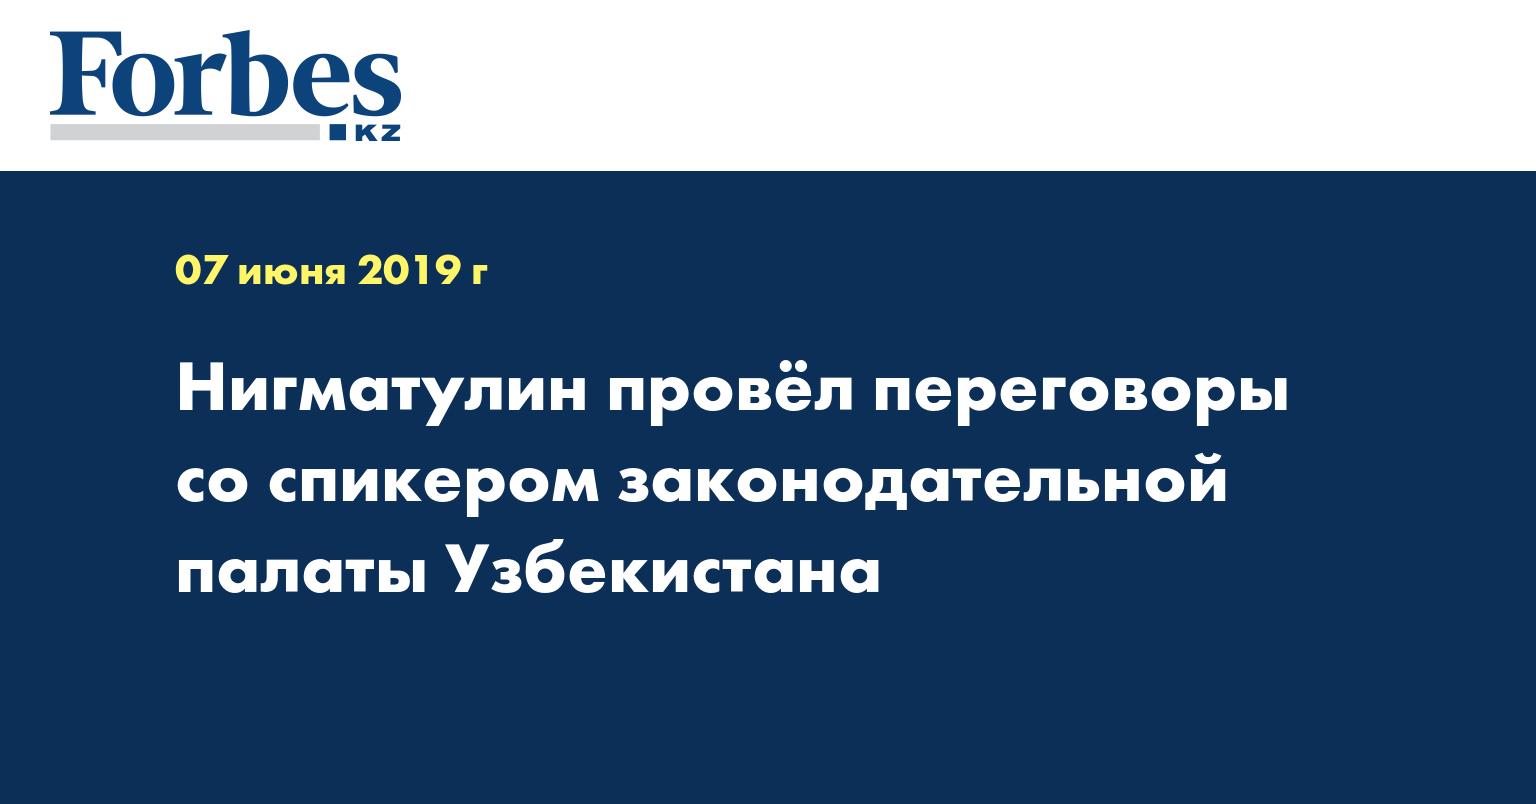 Нигматулин провёл переговоры со спикером законодательной палаты Узбекистана